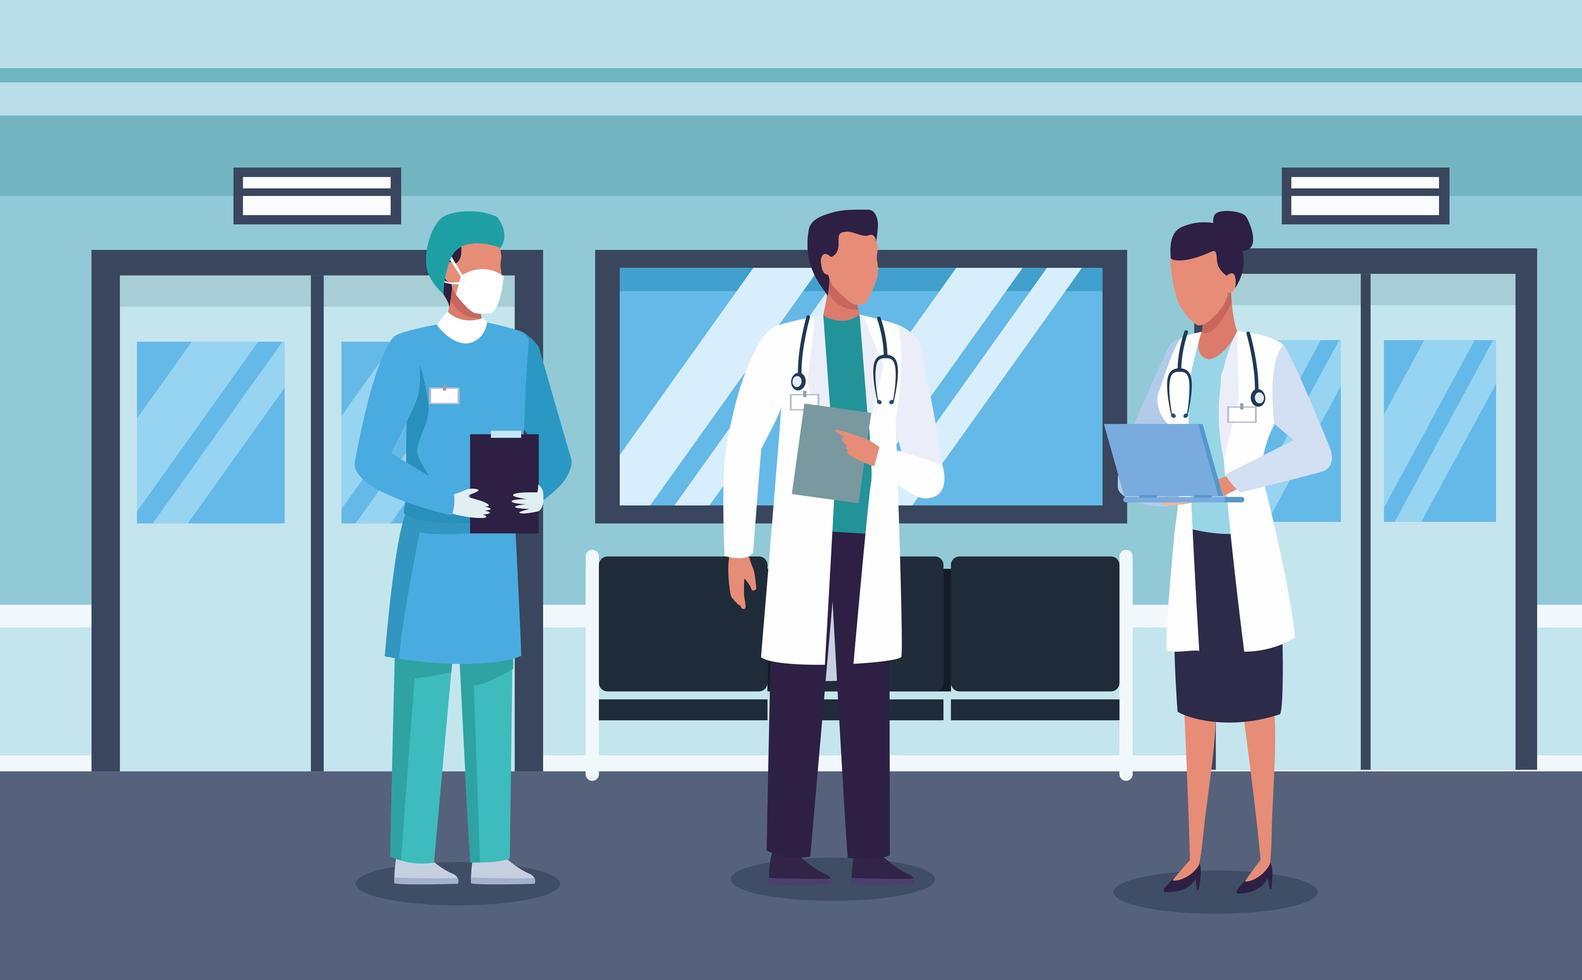 groupe de médecins femmes et hommes dans la salle d'attente vecteur